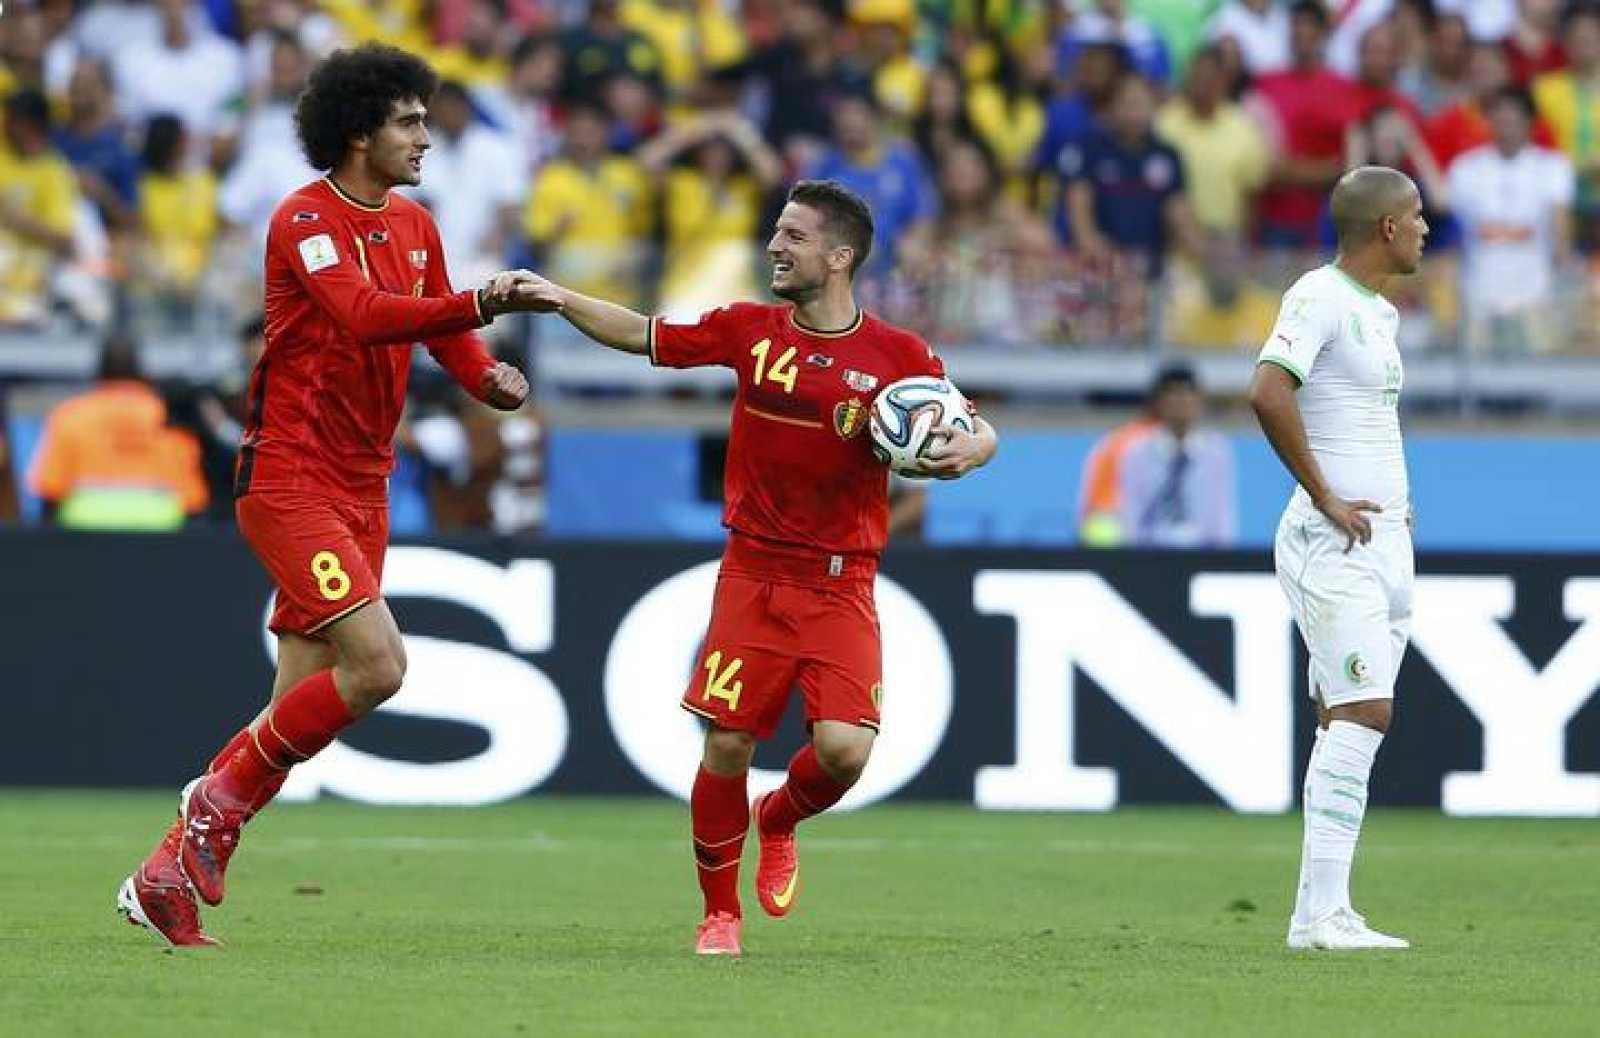 Fellaini y Mertens, los goleadores de Bélgica, celebran ante un desolado Feghouli, autor del gol de Argelia